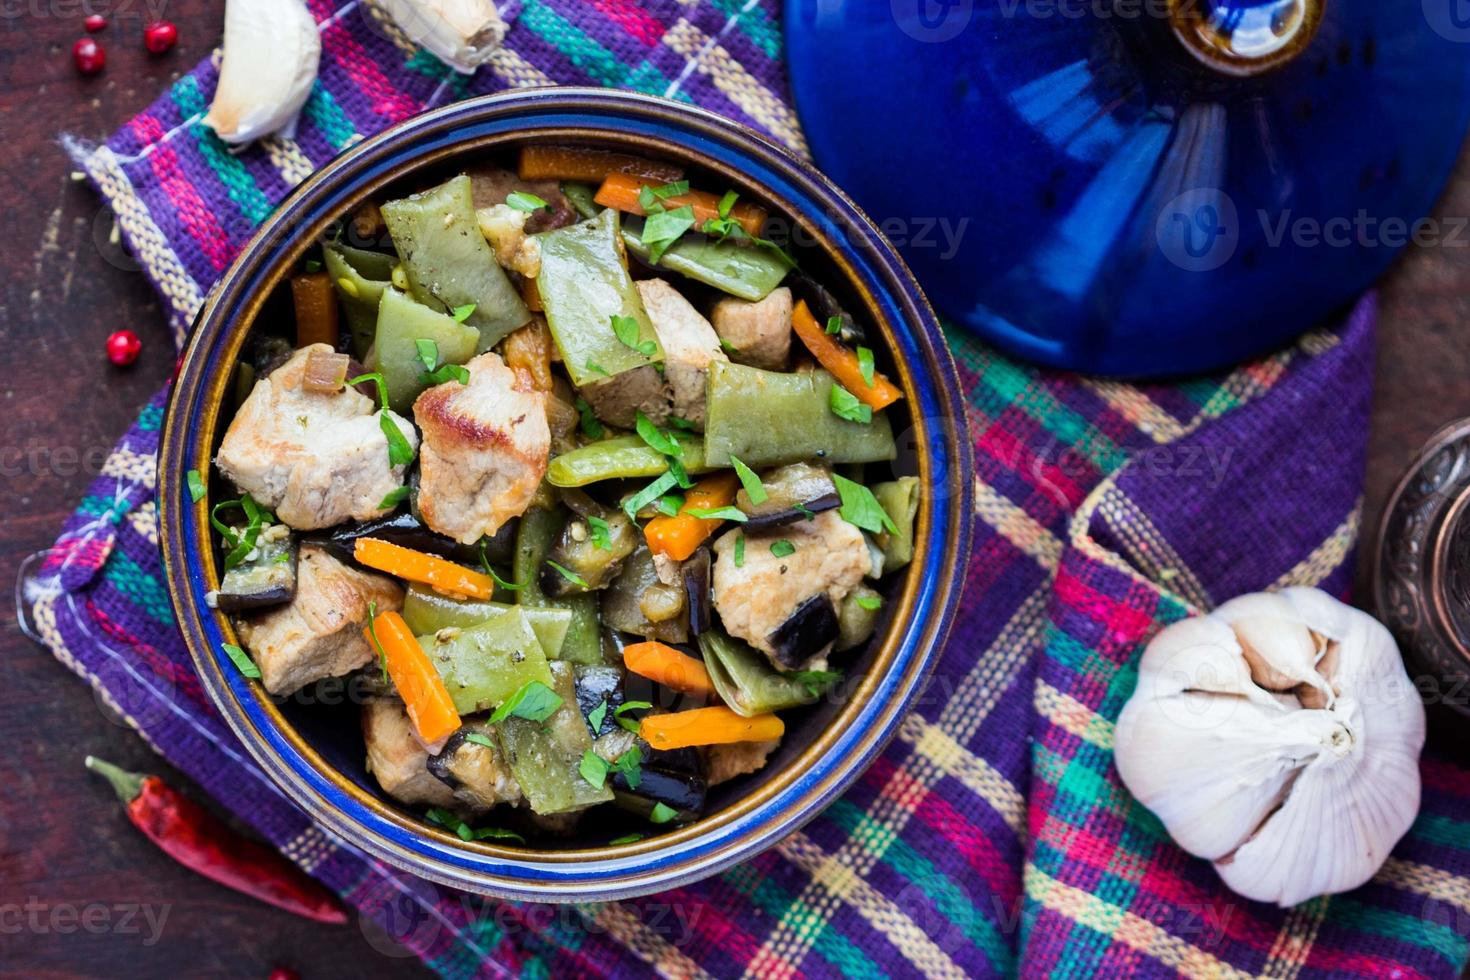 orientalisk gryta med kött, grönsaker, gröna bönor, morot foto